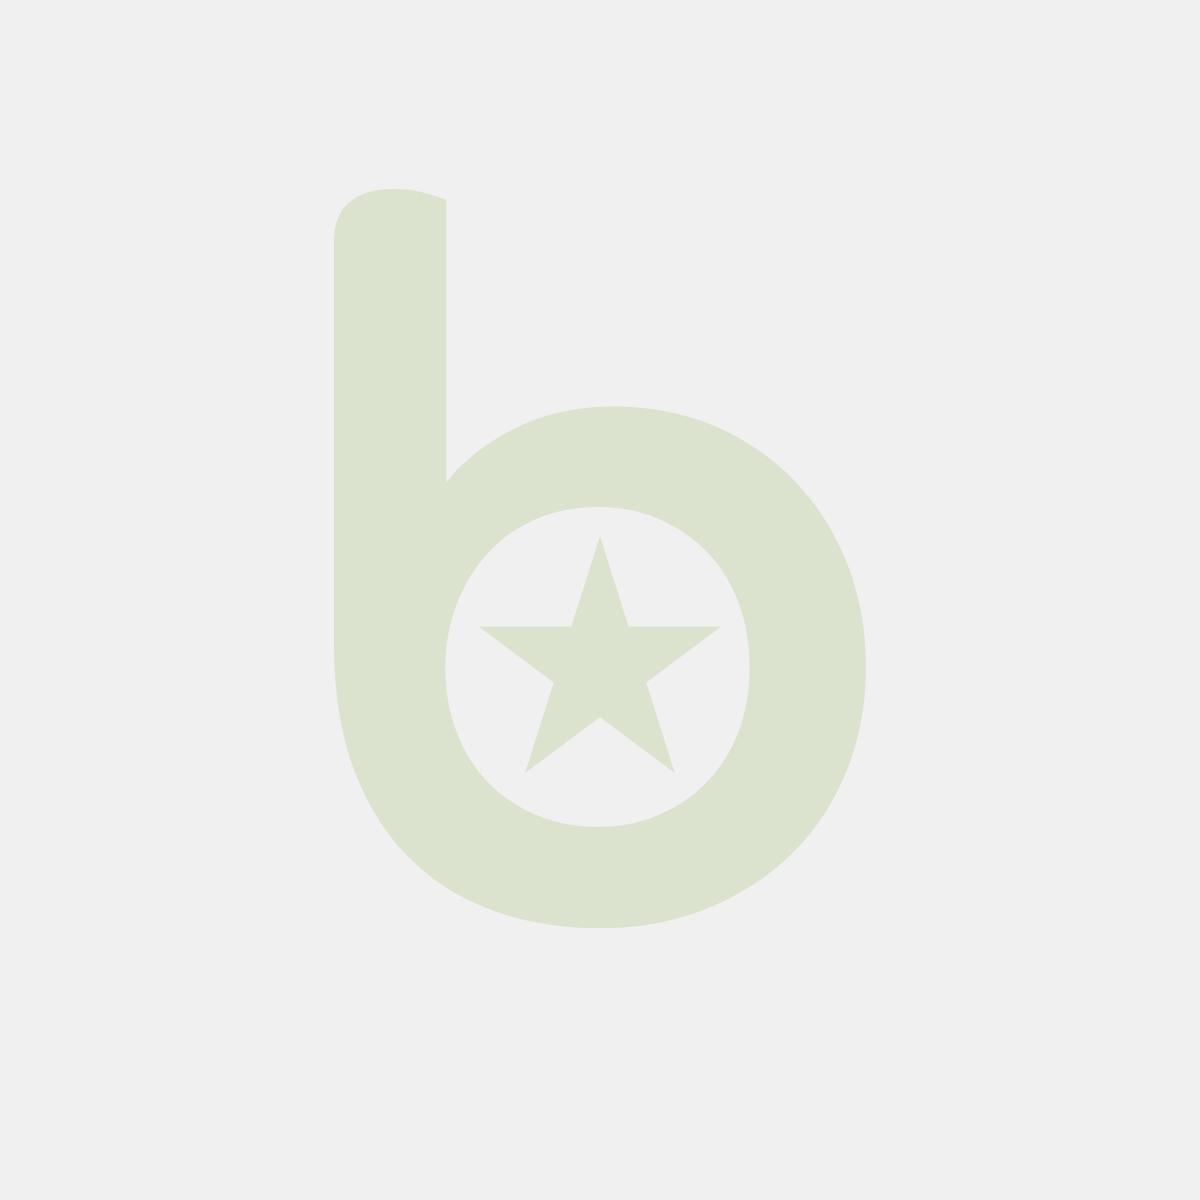 Podgrzewacz Na Pastę - Okrągły